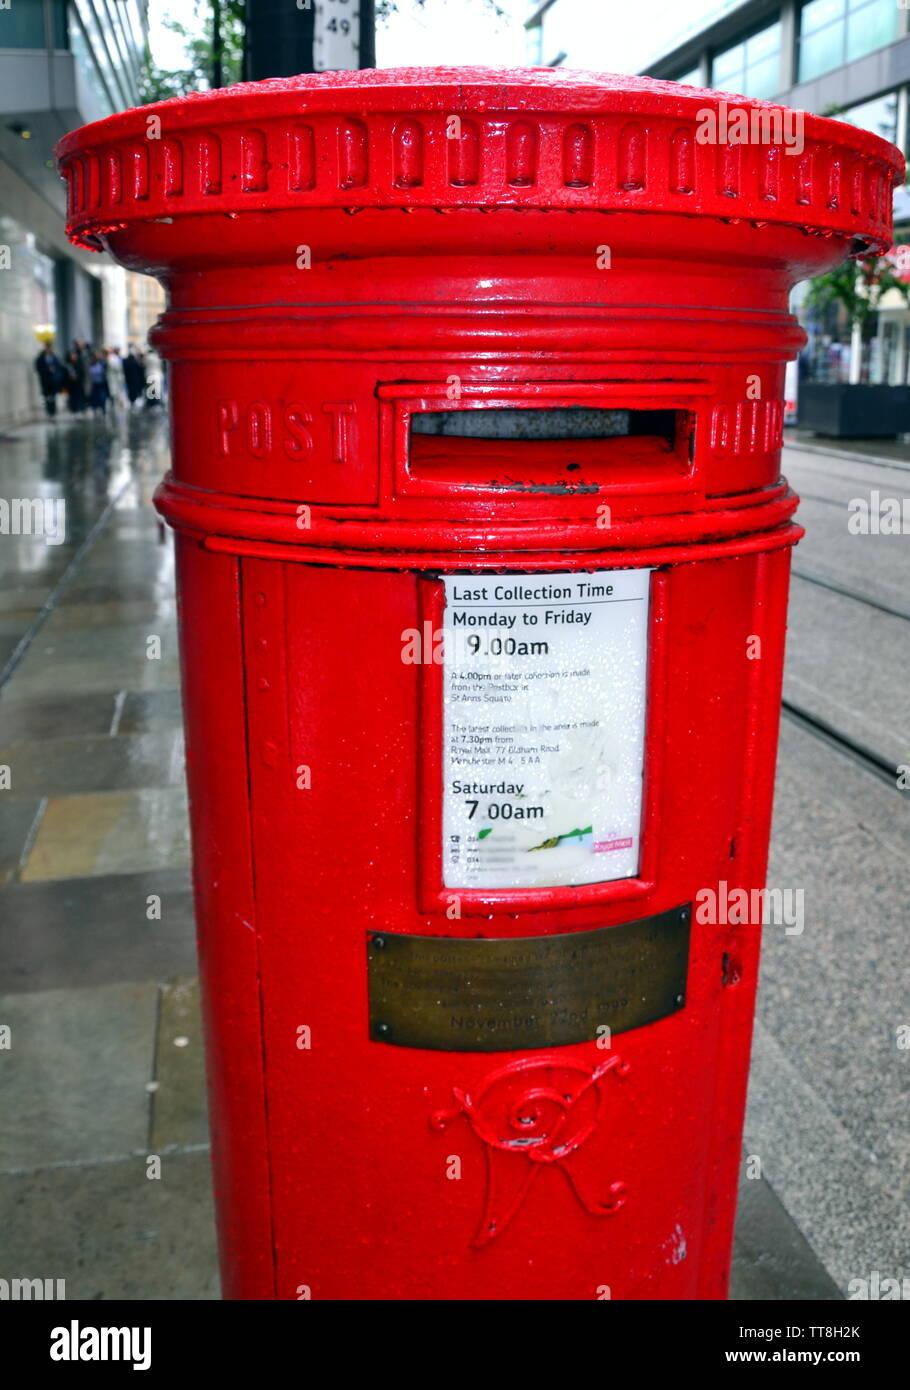 """Juni 15, 2019, markiert der 23. Jahrestag der IRA-Bombe, die das Stadtzentrum von Manchester UK im Jahr 1996 verwüstet. Dieser Briefkasten auf Corporation Straße blieb stehen und trägt eine Gedenktafel, um dies zu markieren. Das messingschild trägt die Inschrift: """"Dieses Postfach stehen blieb fast unbeschädigt am Juni 15, 1996, wenn dieser Bereich wurde durch eine Bombe zerstört. Das Feld wurde während der Wiederaufbau der Stadt Zentrum entfernt und wurde zu seiner ursprünglichen Aufstellungsort auf November 22 1999"""" zurück. Die Bombe verletzt etwa 200 Personen. Niemand hat noch nicht mit der Bepflanzung der Bombe in Rechnung gestellt. Stockbild"""